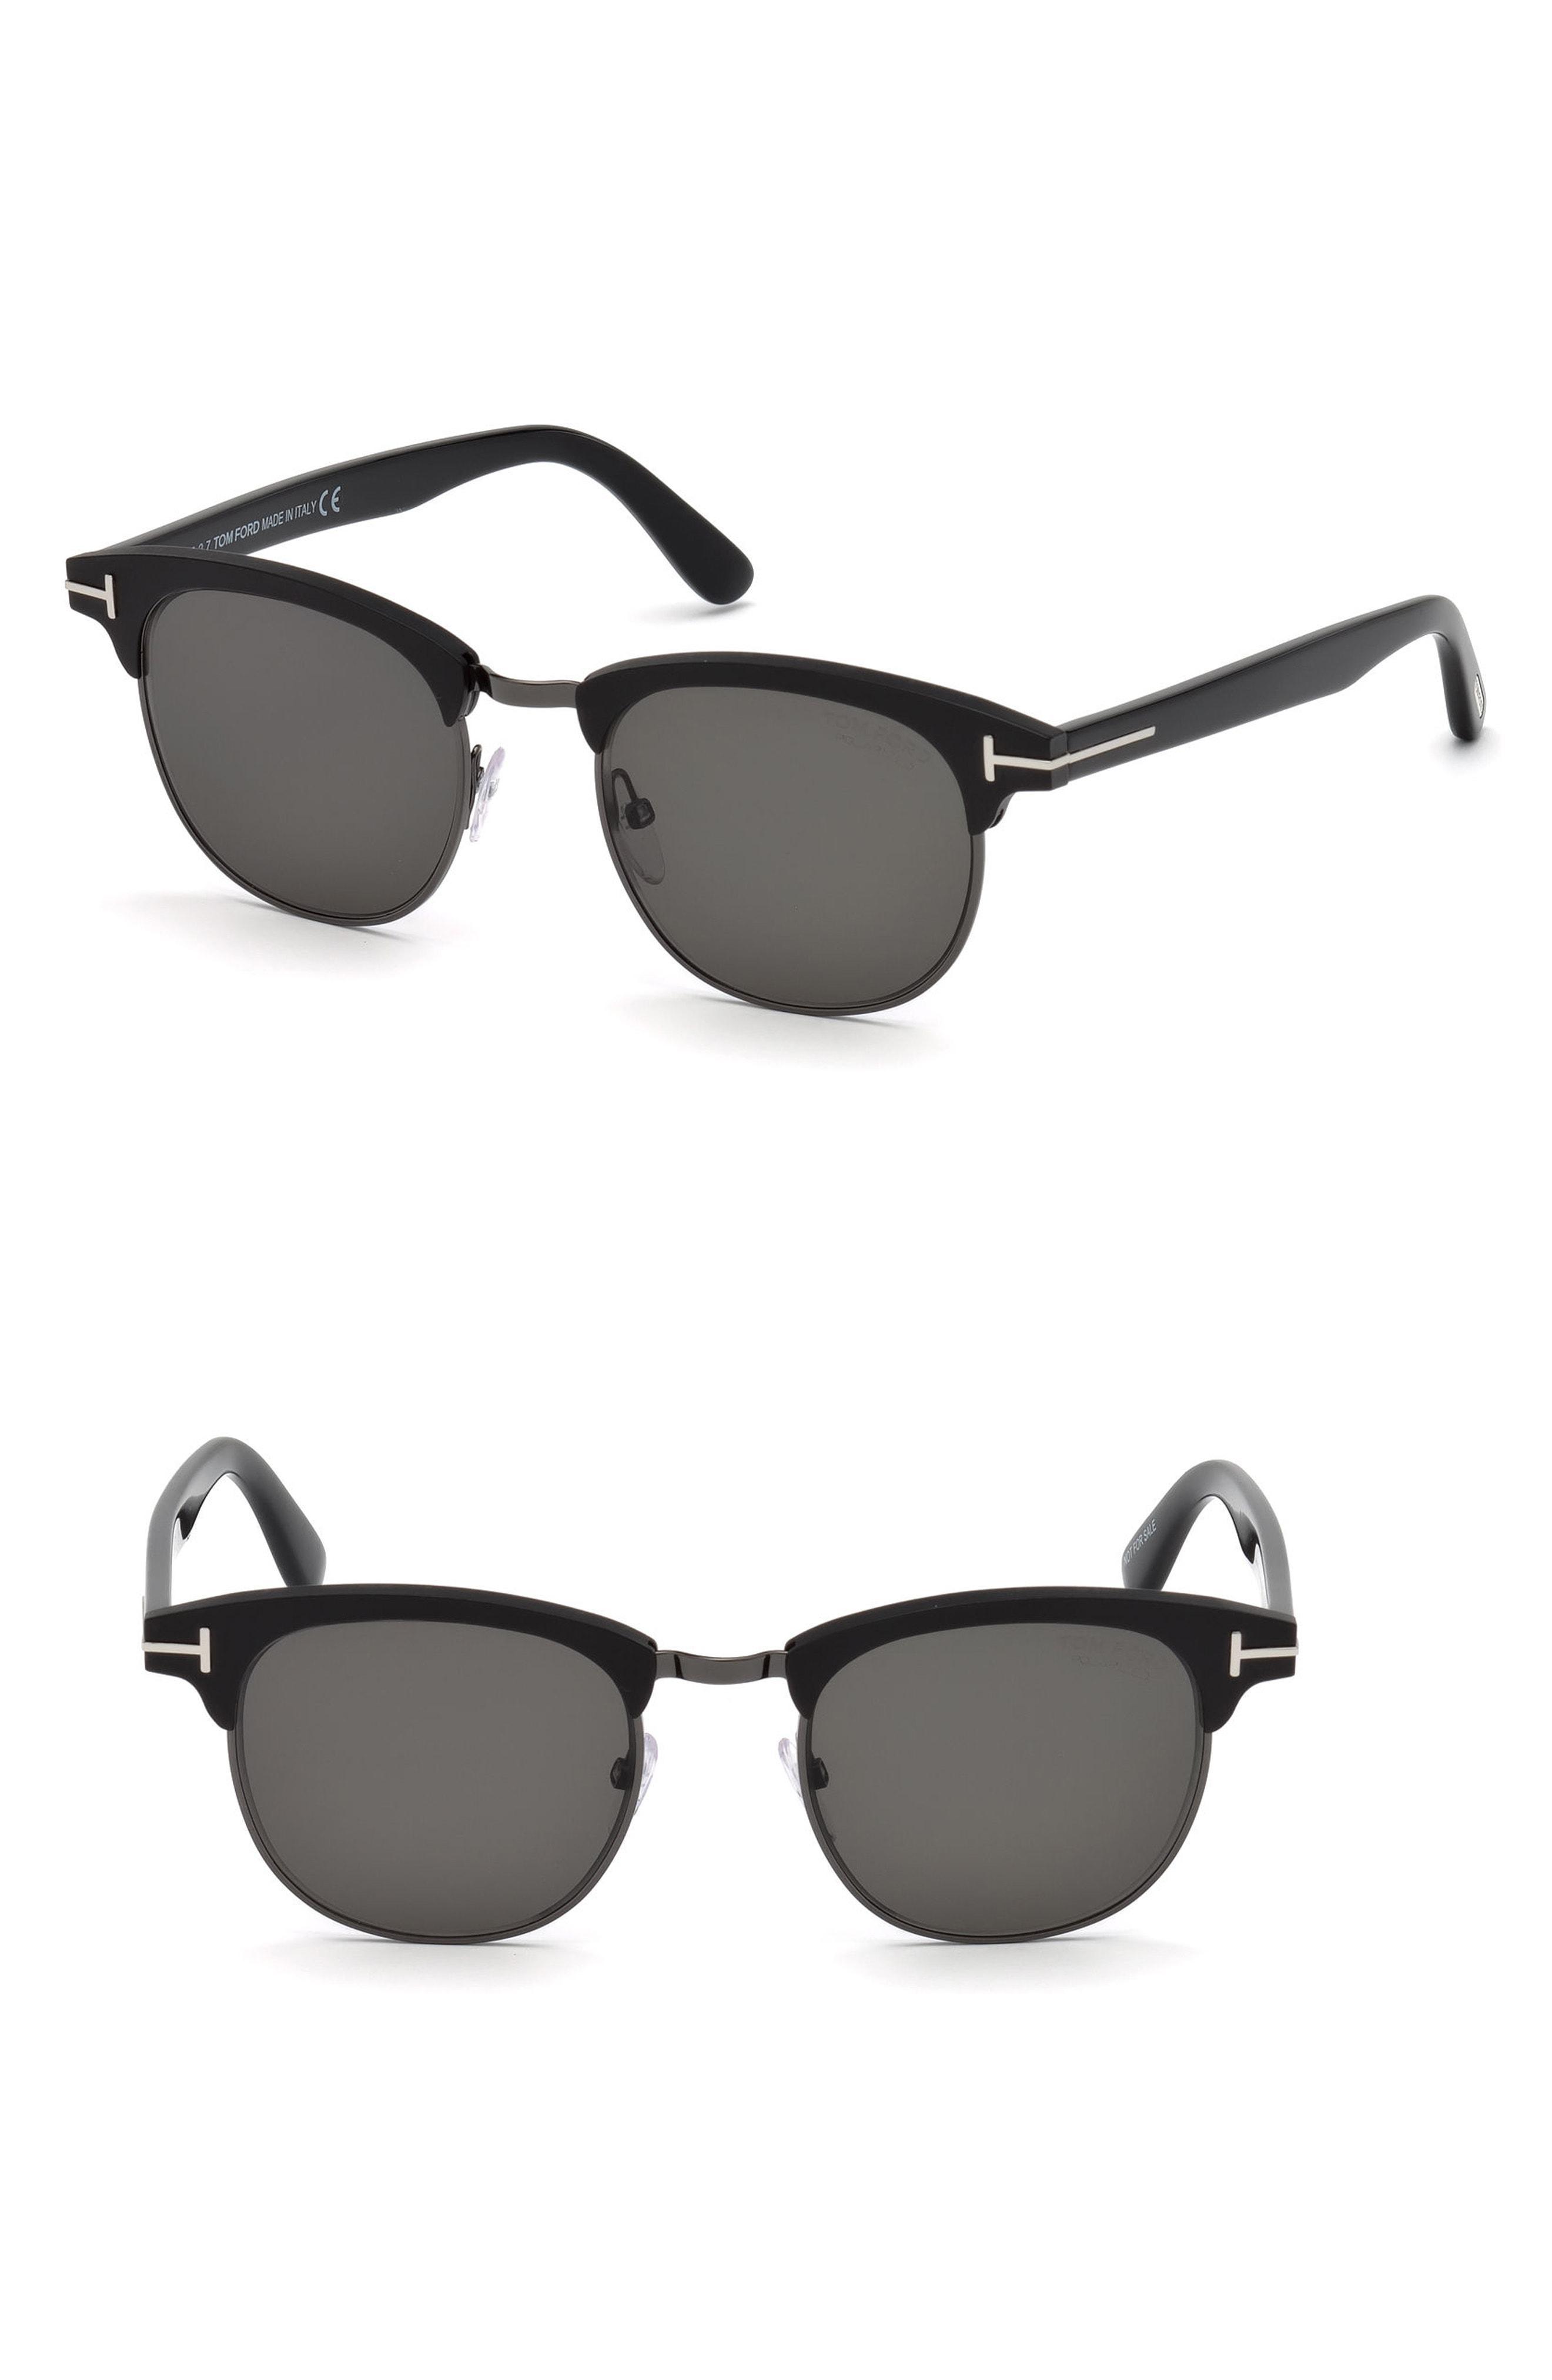 fa91fe08613 Lyst - Tom Ford Laurent 51mm Polarized Sunglasses in Black for Men